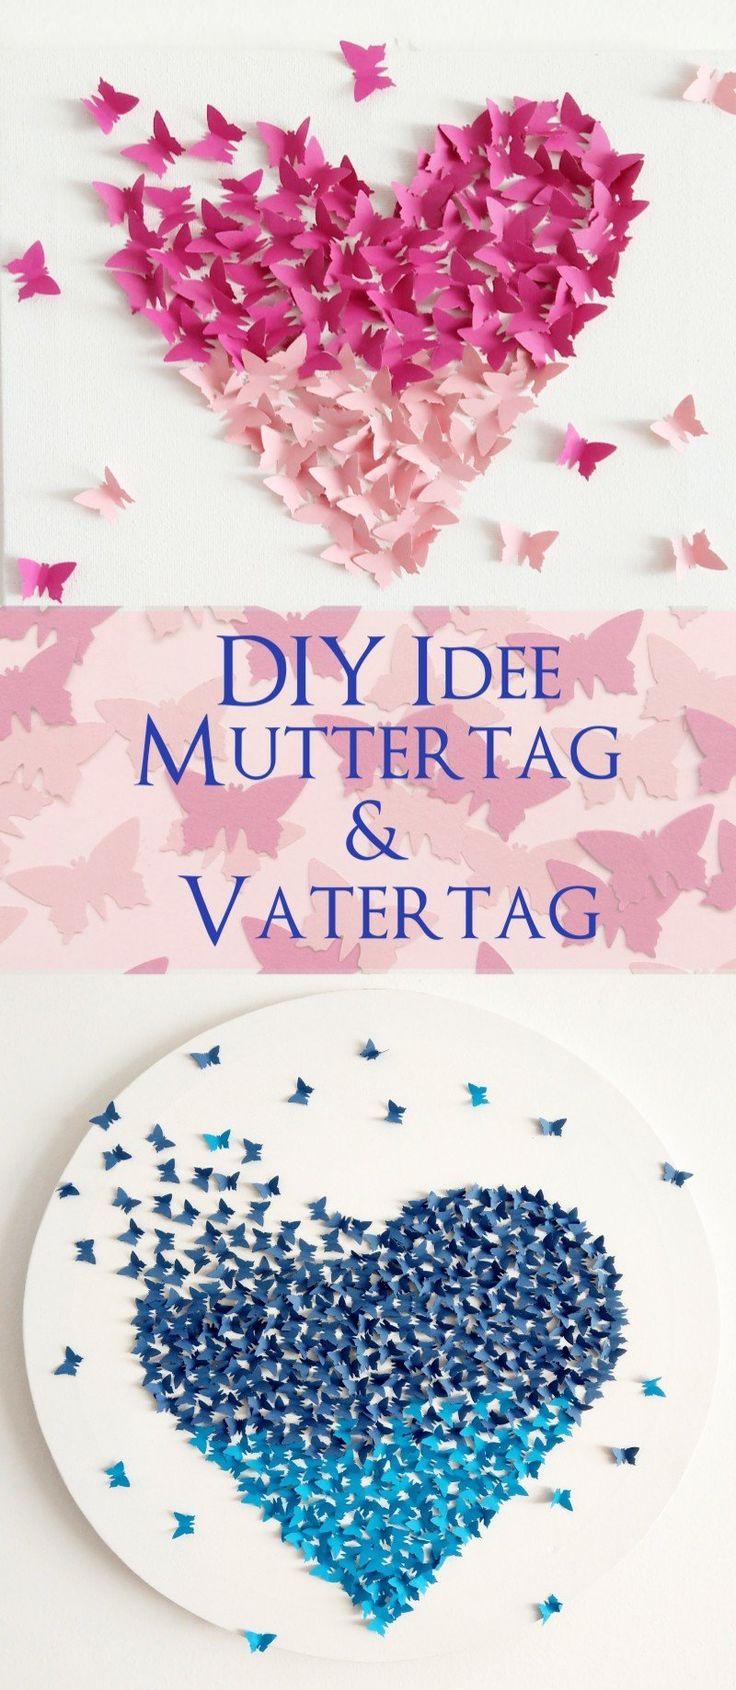 Bilder zum Muttertag und Vatertag basteln – 3 DIY-Ideen mit Anleitung zum selber machen